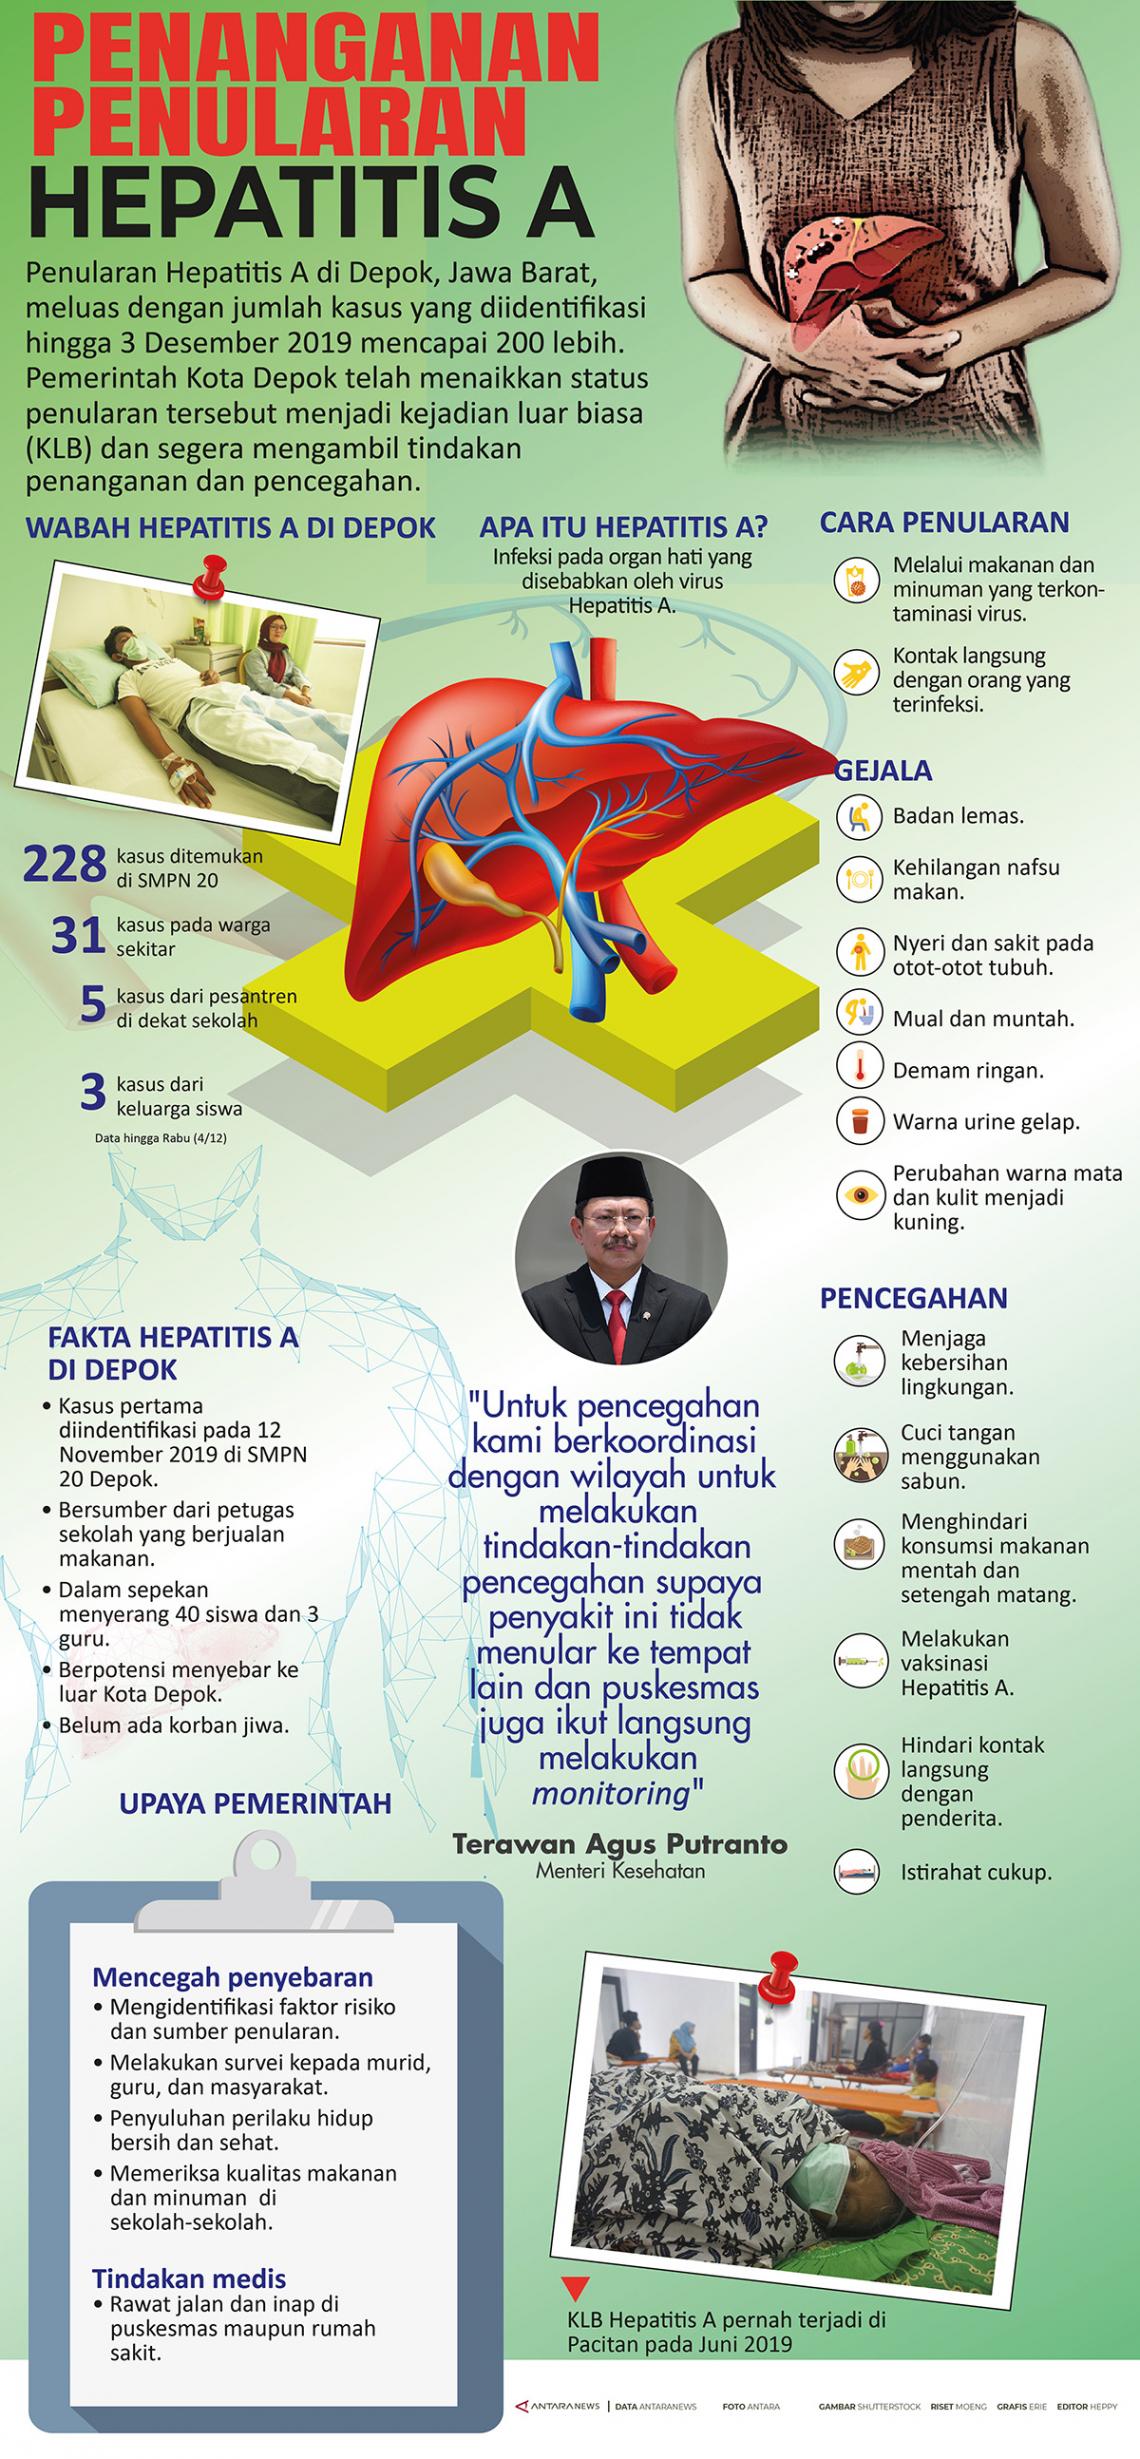 Penanganan penularan Hepatitis A